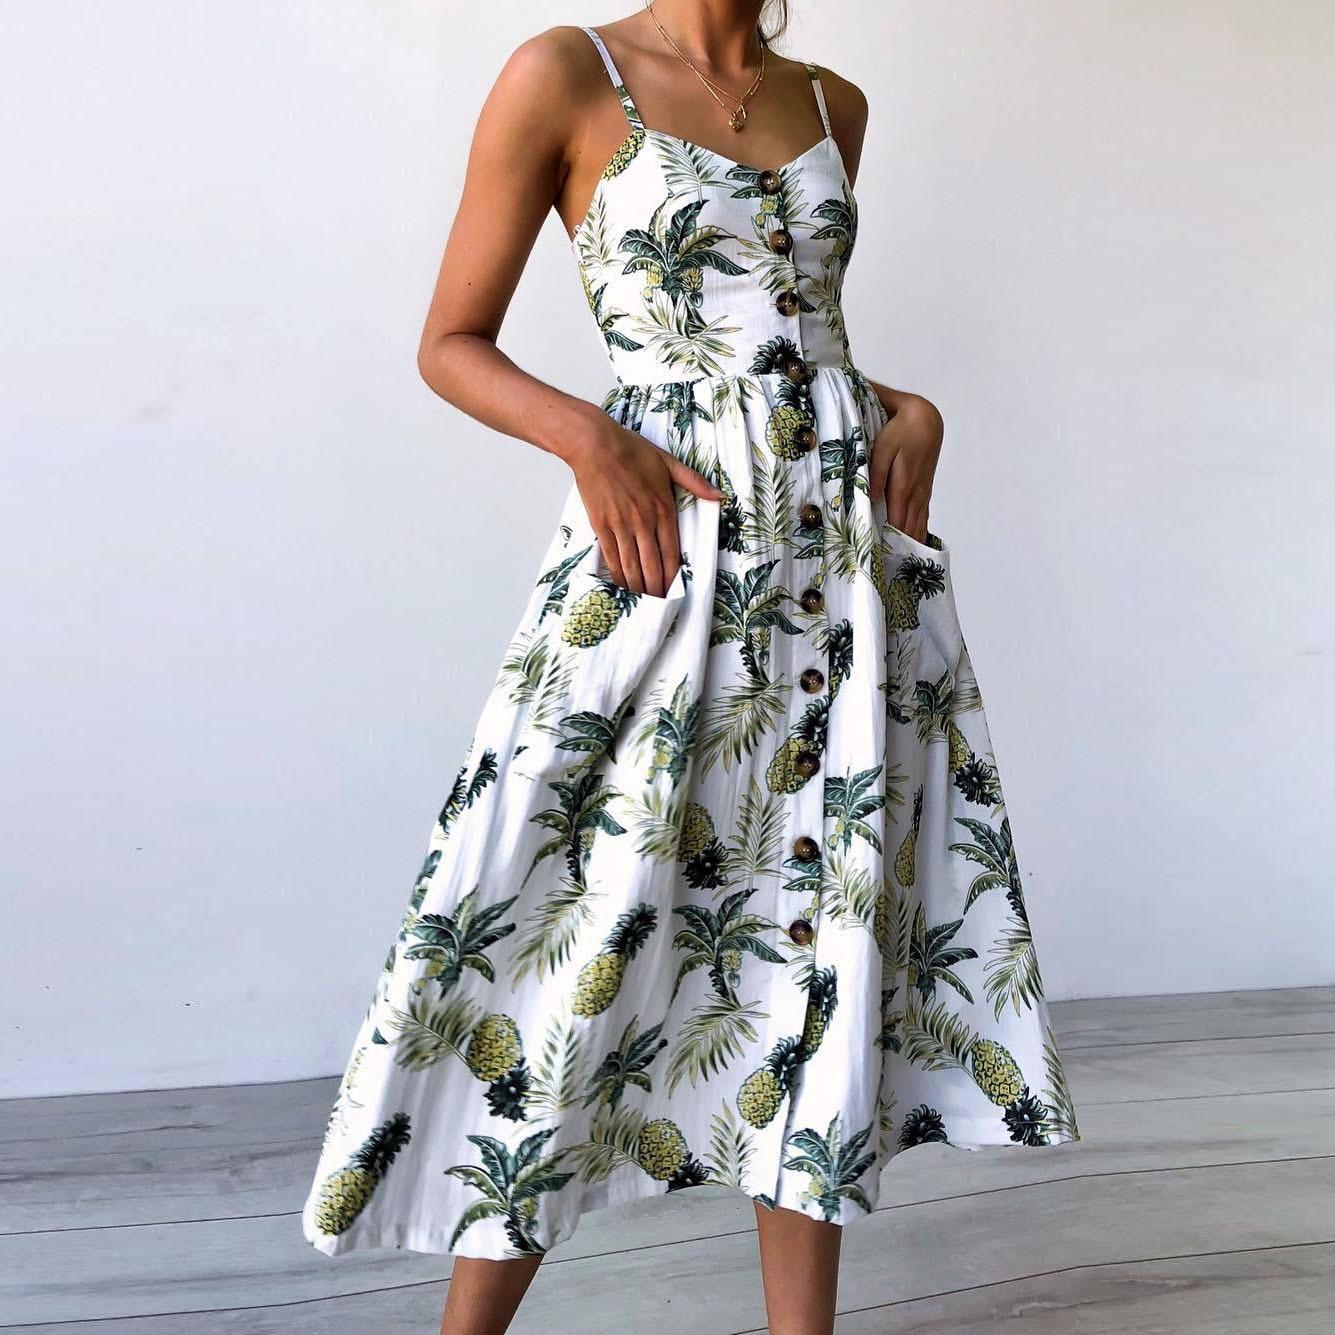 Boho Blumendruck Sommerkleid Frauen V-ausschnitt Taschen Ärmel Midi Kleider Weibliche Sunflower Plissee Backless Taste Sexy Kleid